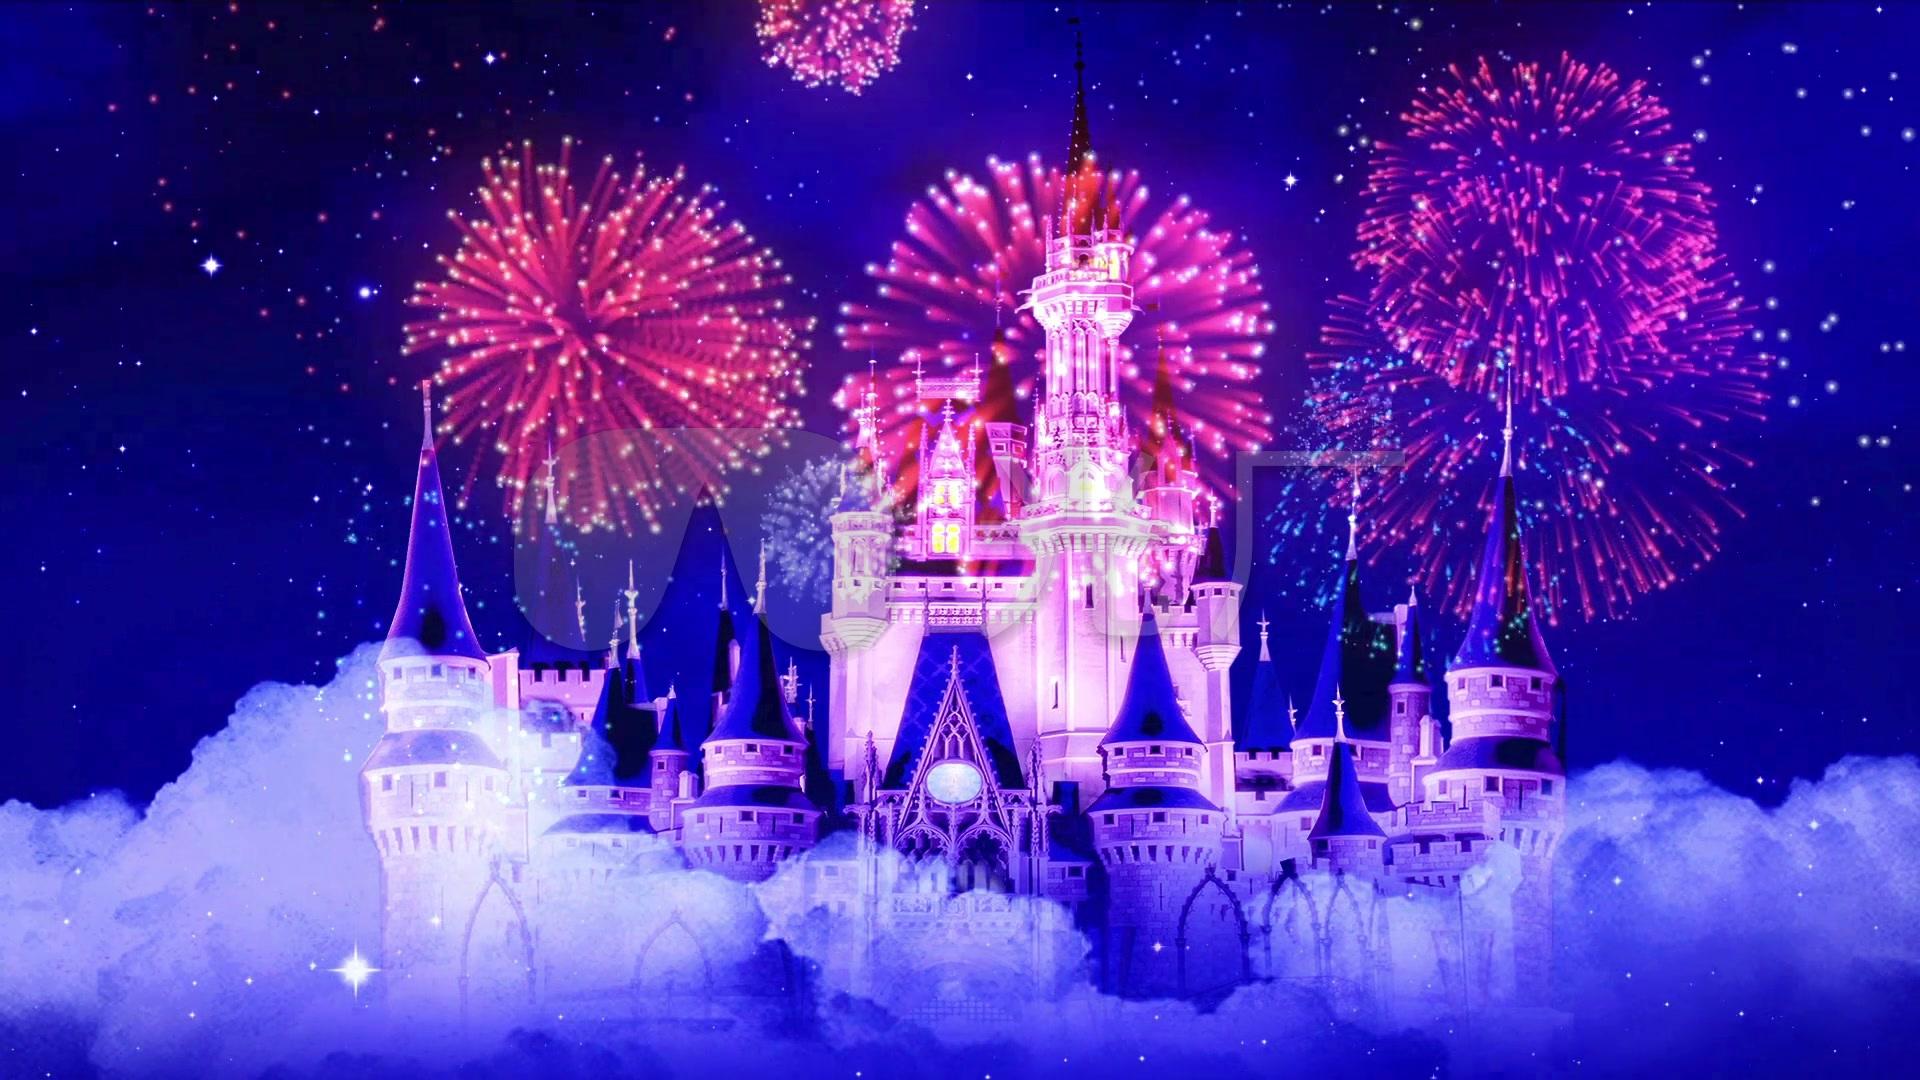 星空城堡烟花璀璨童话婚礼背景